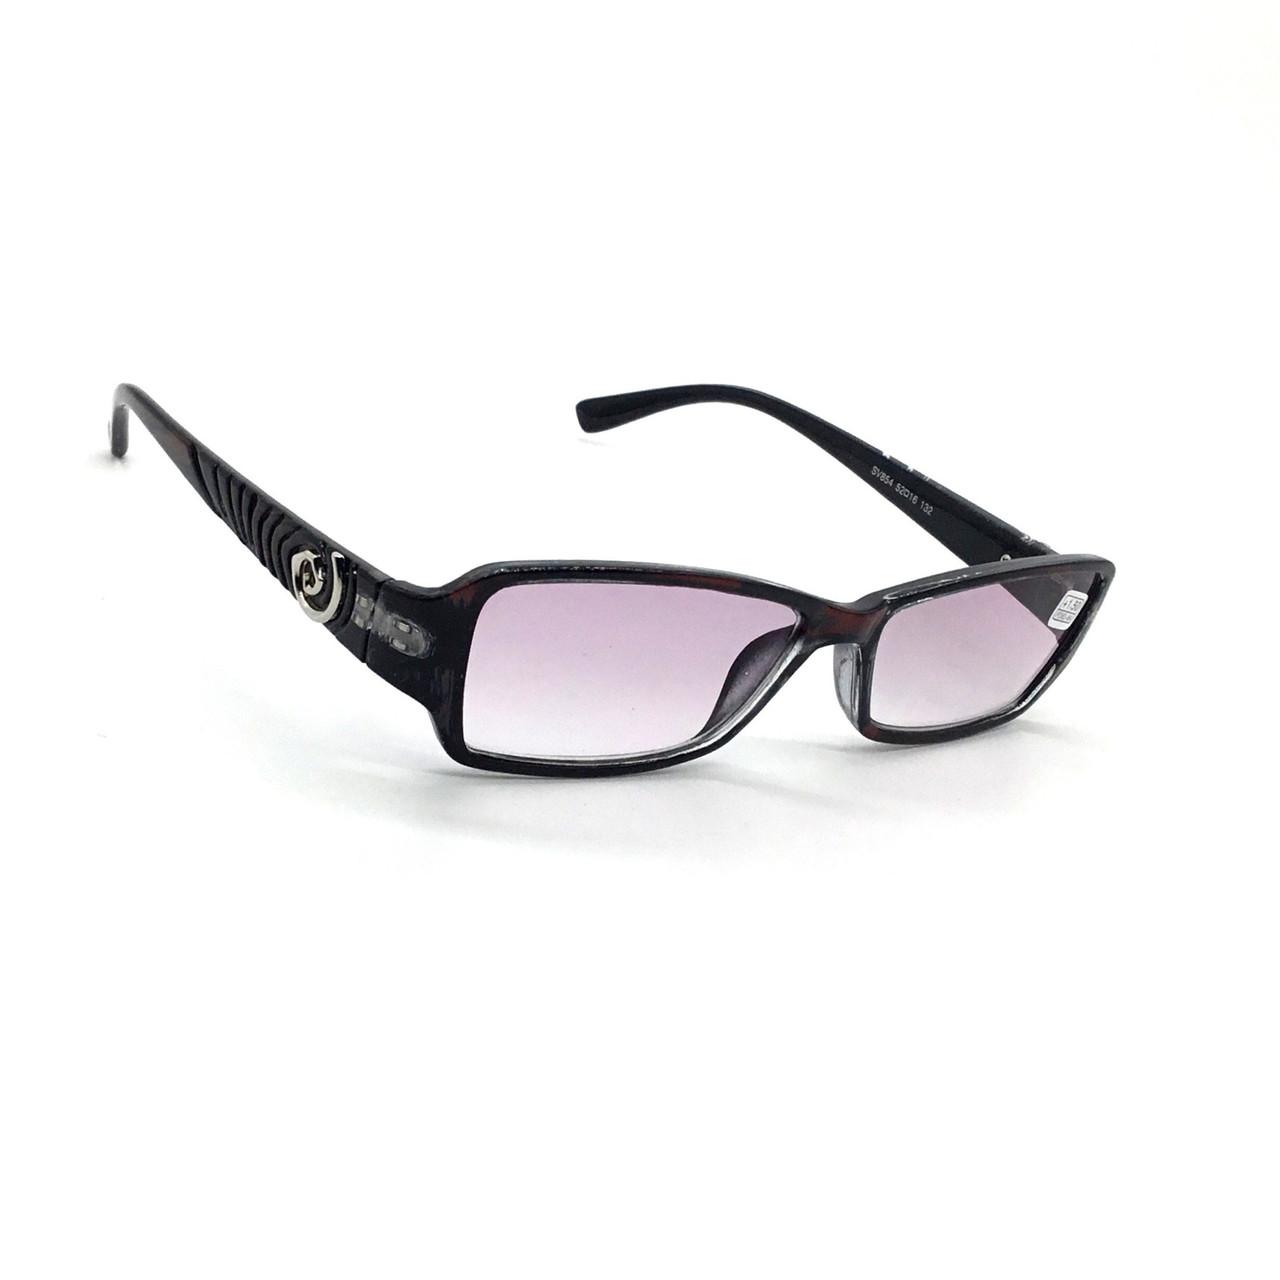 Женские очки в пластмассовой оправе с тонированной линзой